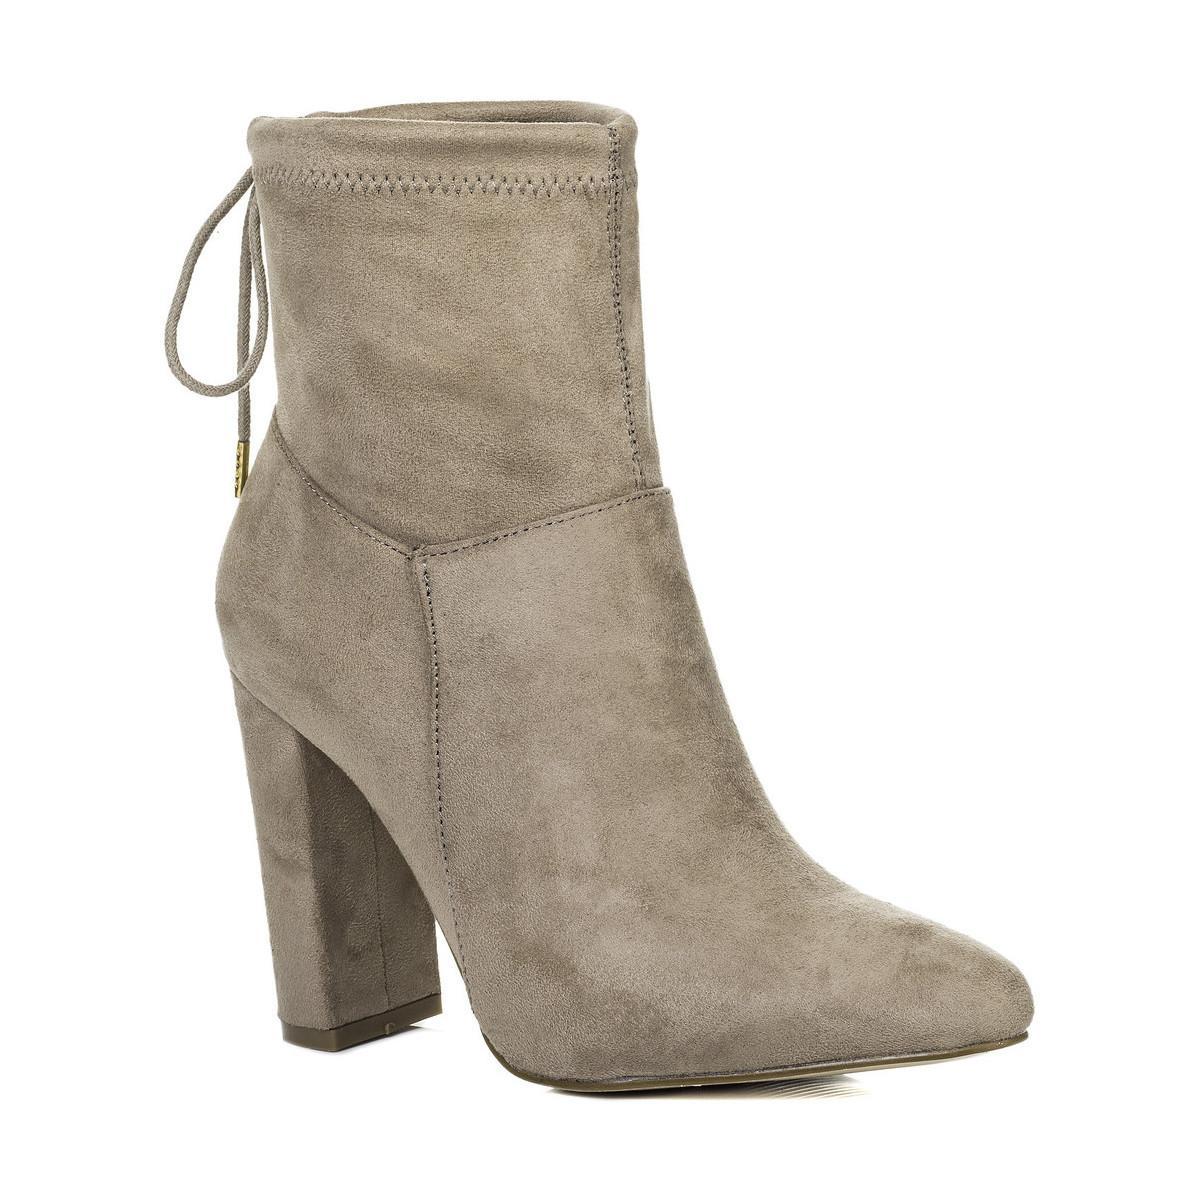 SPYLOVEBUY Suede Fern Women's Low Ankle Boots In Brown